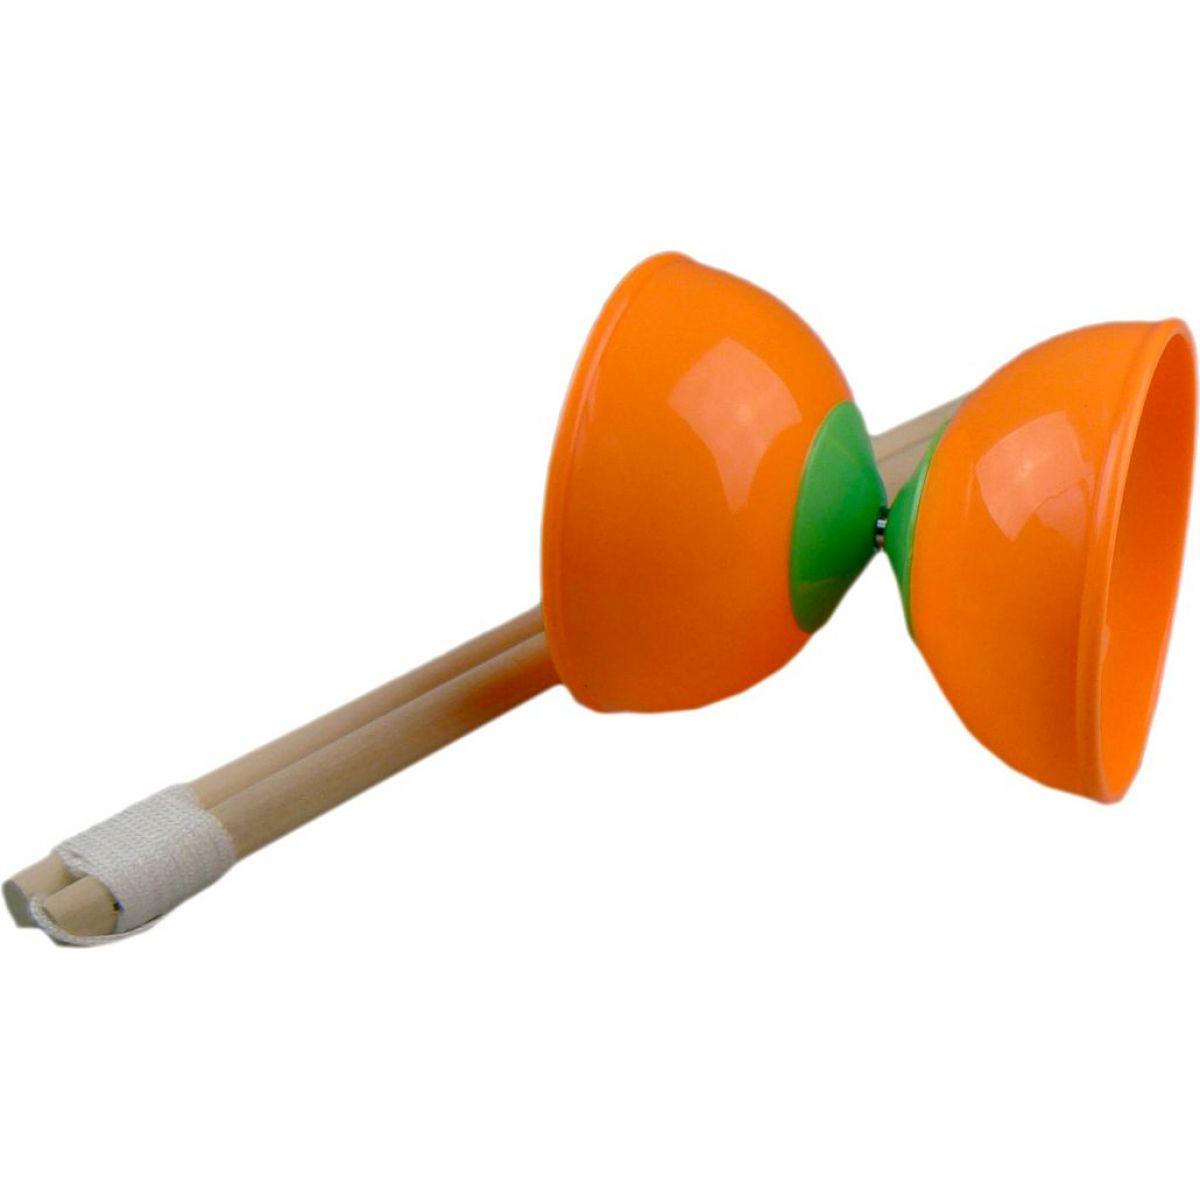 Teddies Diabolo 2 tyčky - Oranžová